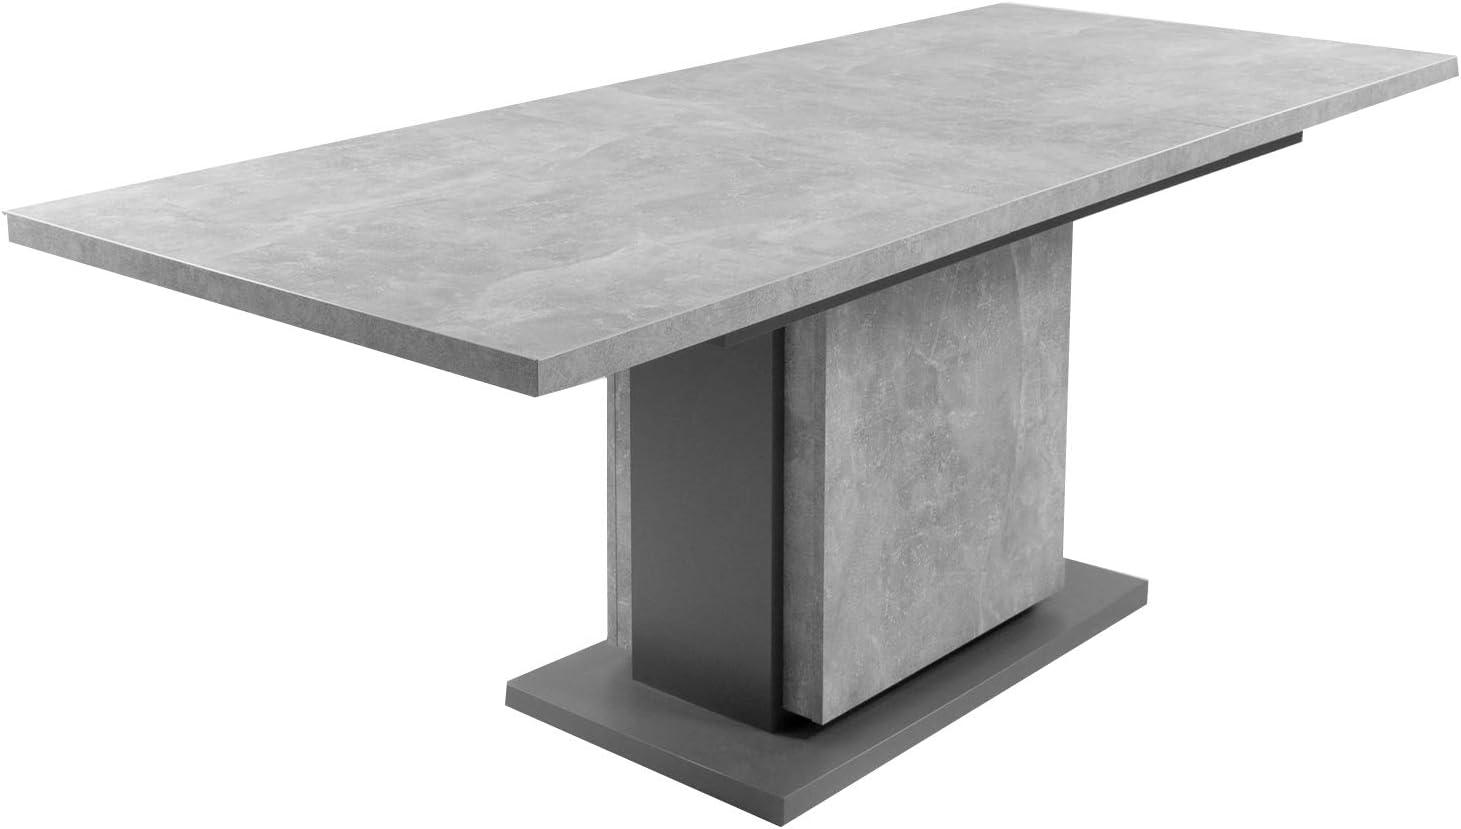 HOMEXPERTS Säulentisch mit Auszug BÄRBEL 43cm / Esszimmertisch grau /  Ess-Tisch auf 43 cm ausziehbar / Melamin Light Atelier anthrazit  Auszugstisch